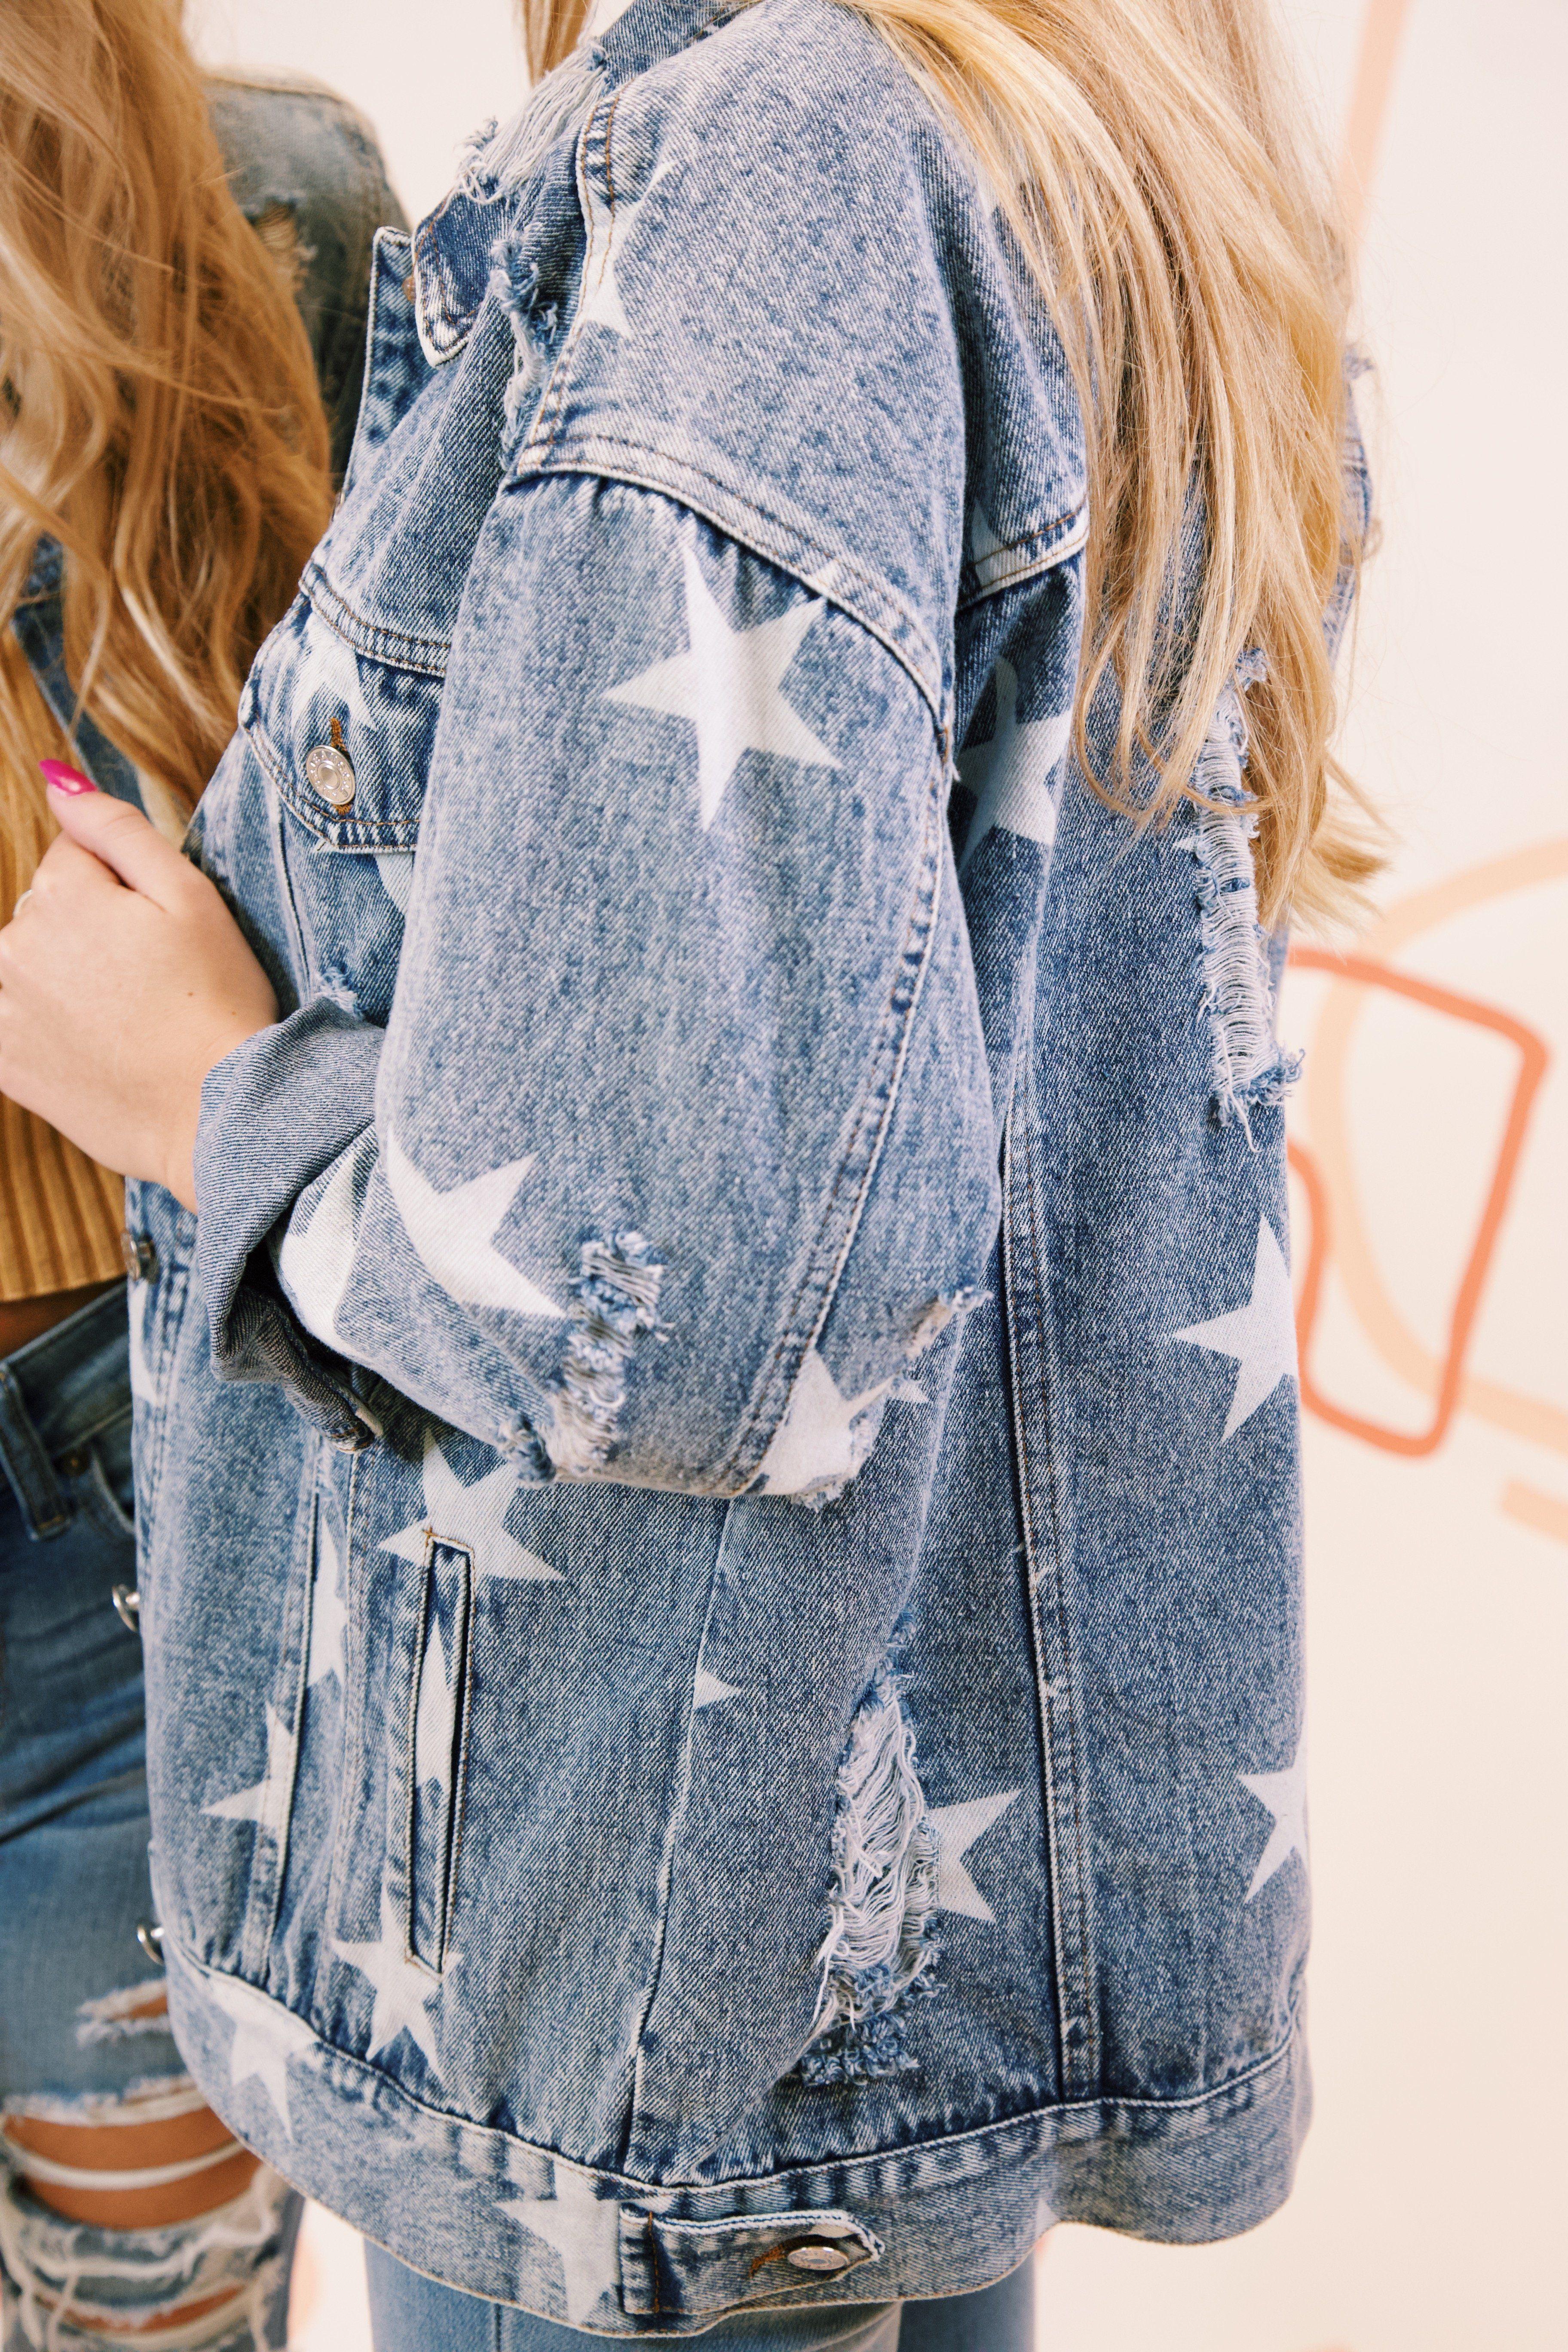 Milky Way Star Printed Distressed Denim Jacket Medium Denim Blue In 2021 Diy Denim Jacket Distressed Denim Jacket Denim Fashion [ 5472 x 3648 Pixel ]